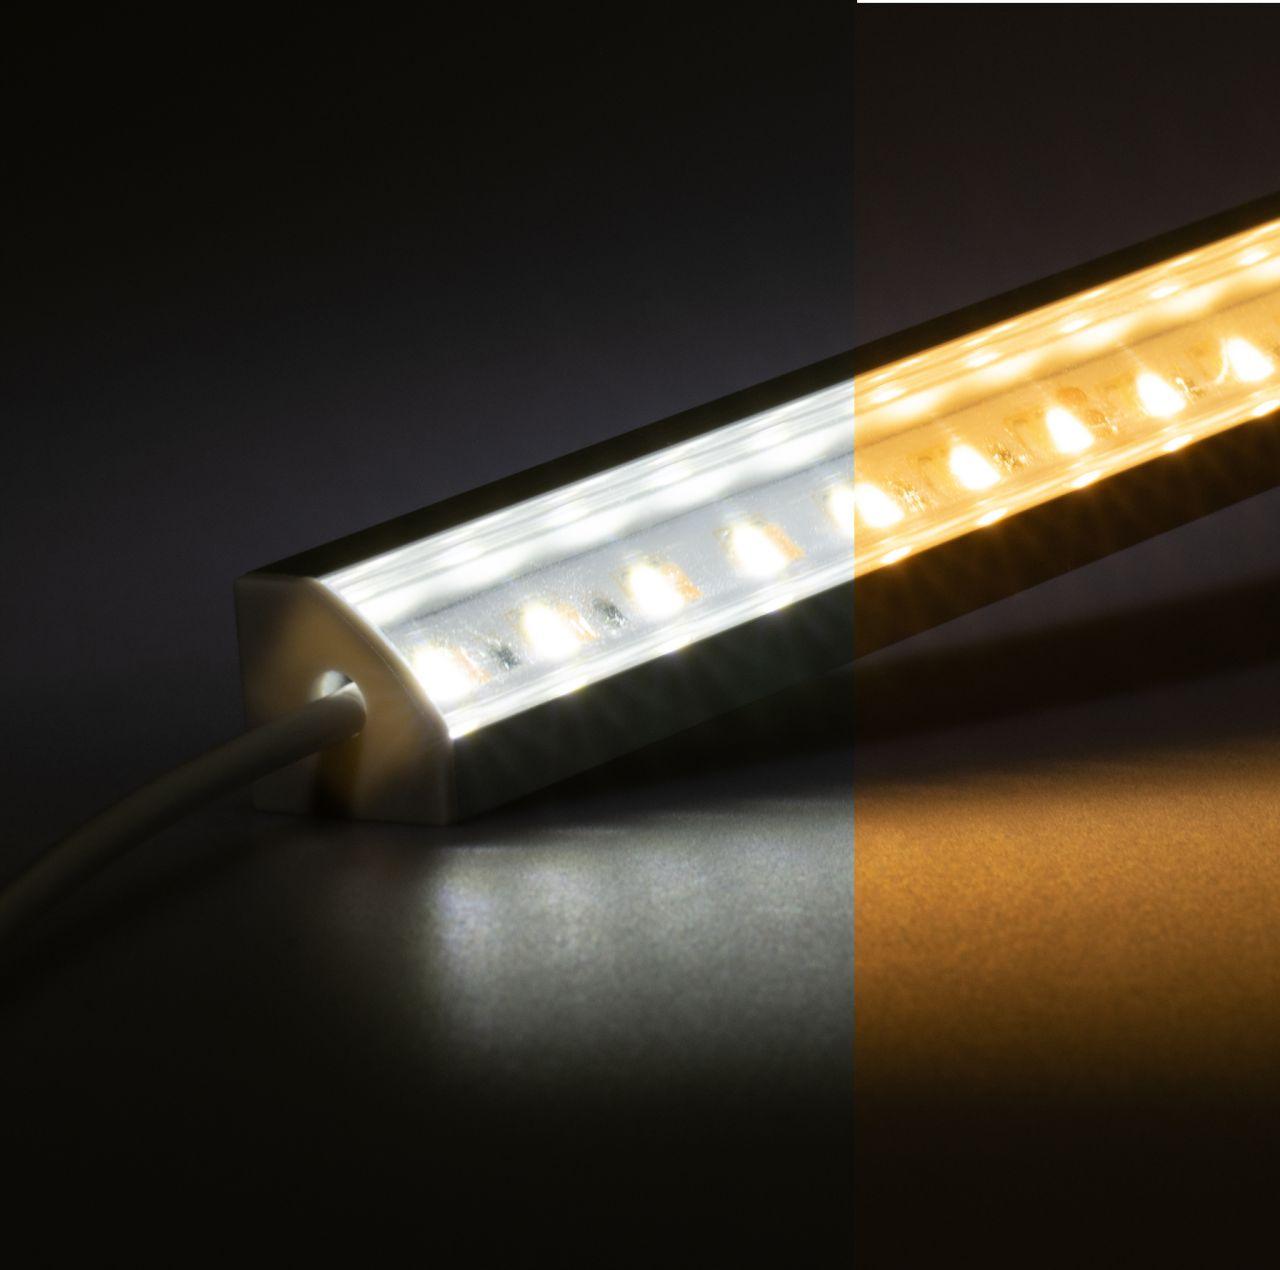 24V Aluminium LED Eckleiste – einstellbare Farbtemperatur – transparente Abdeckung